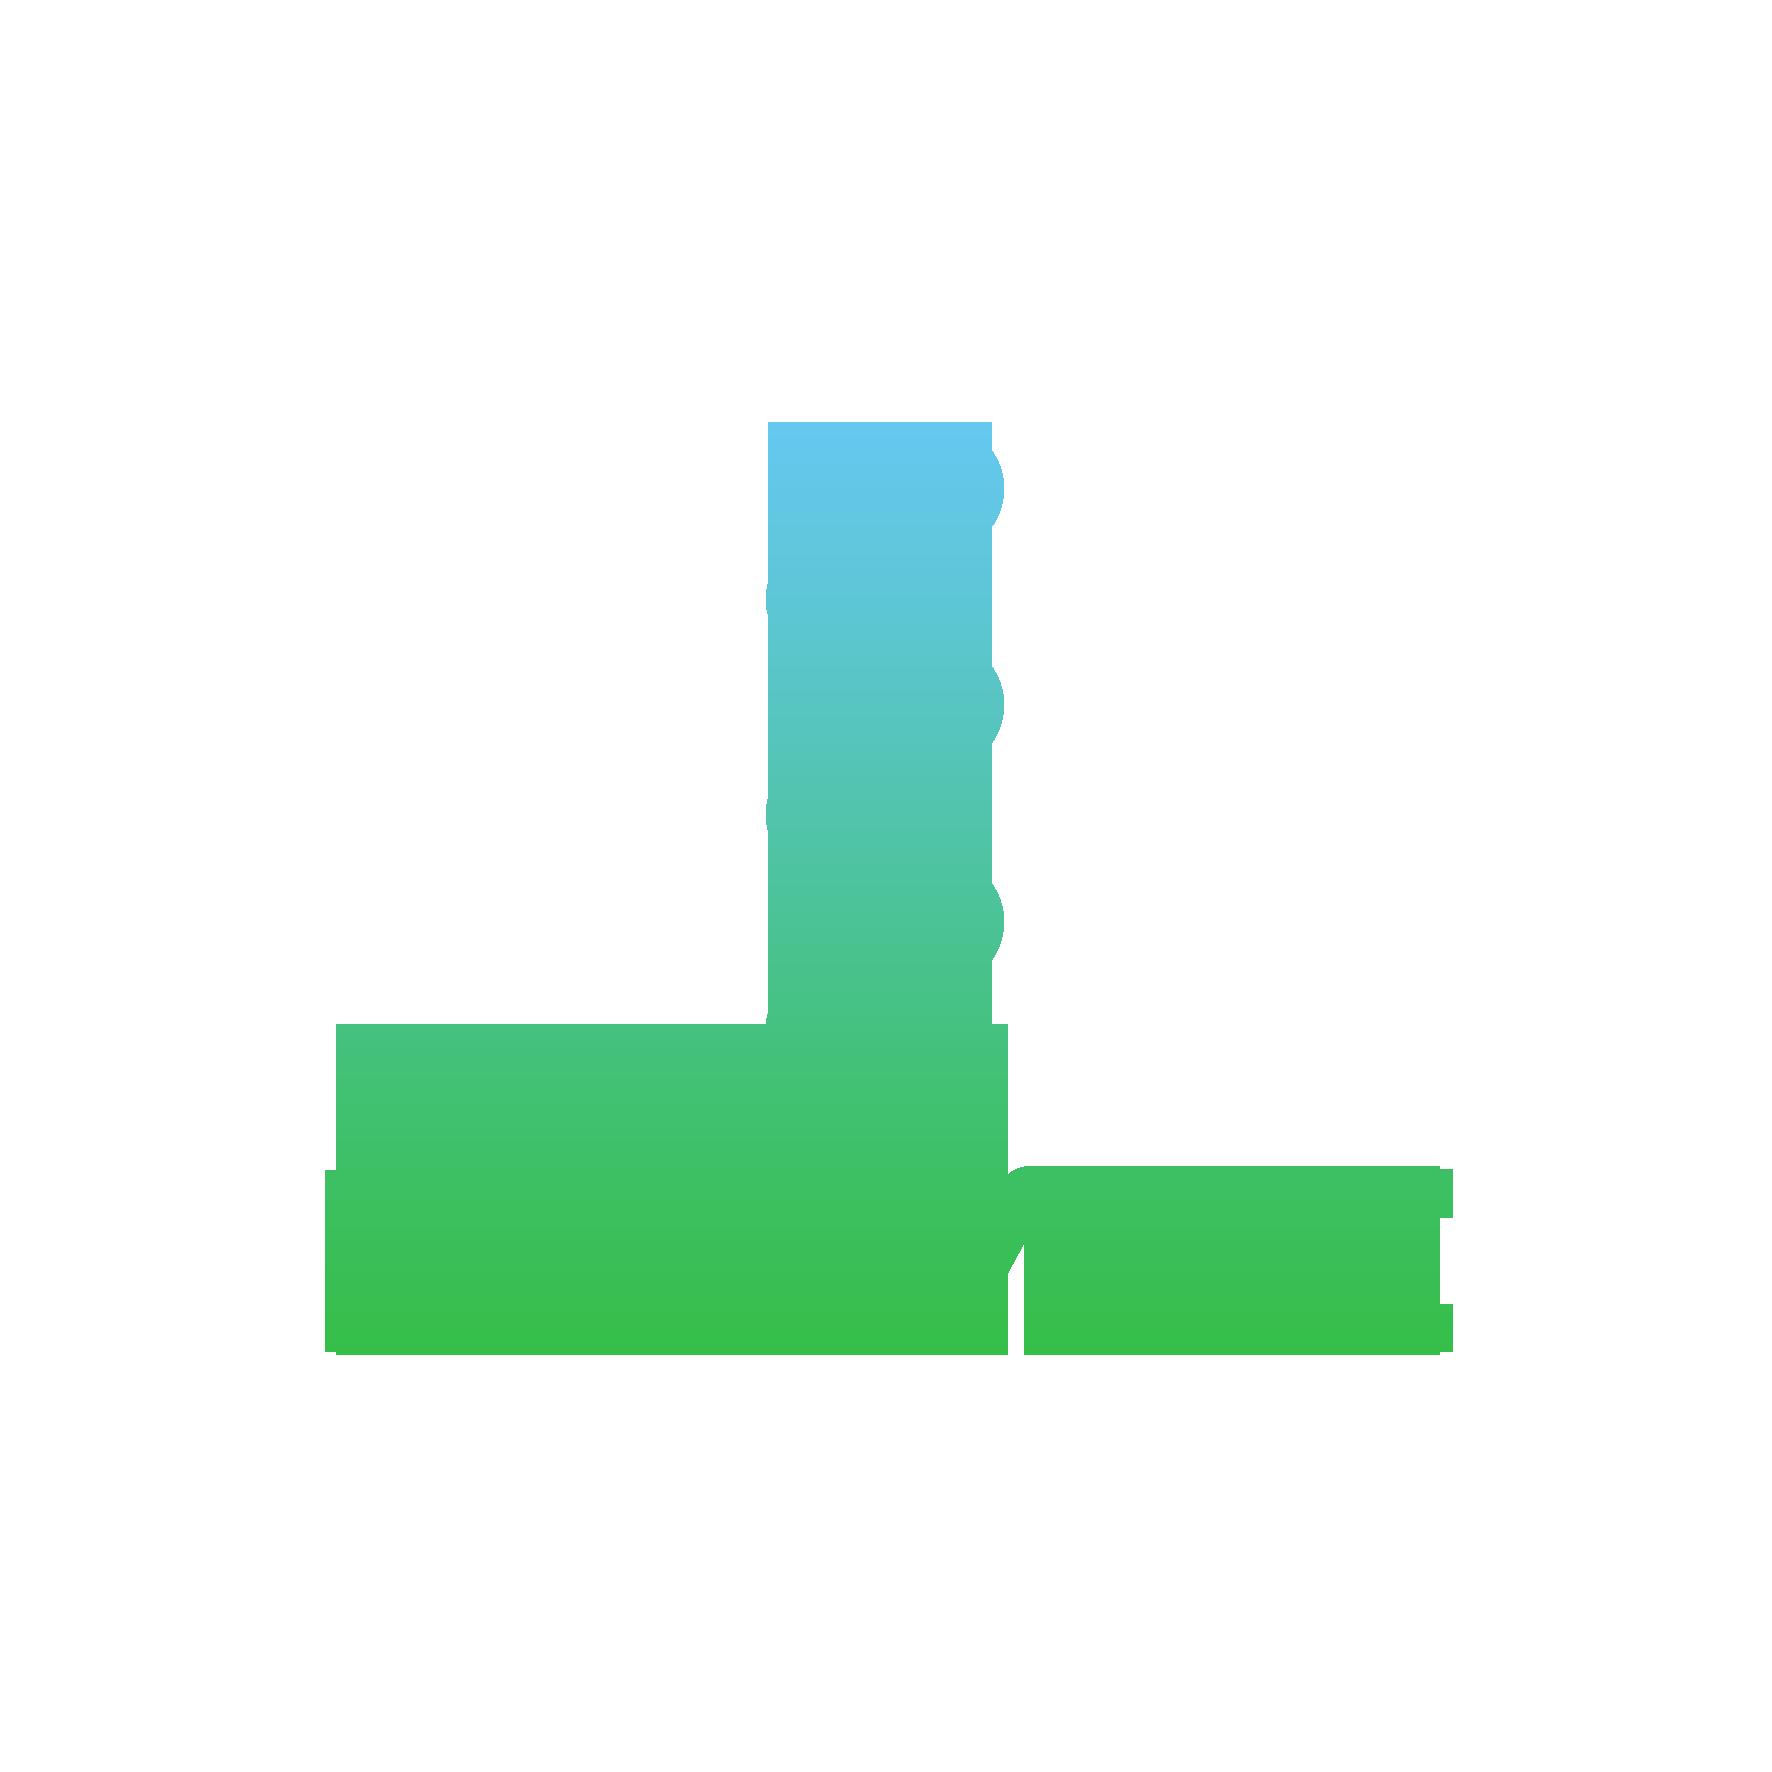 RDWC LOGO 15X15